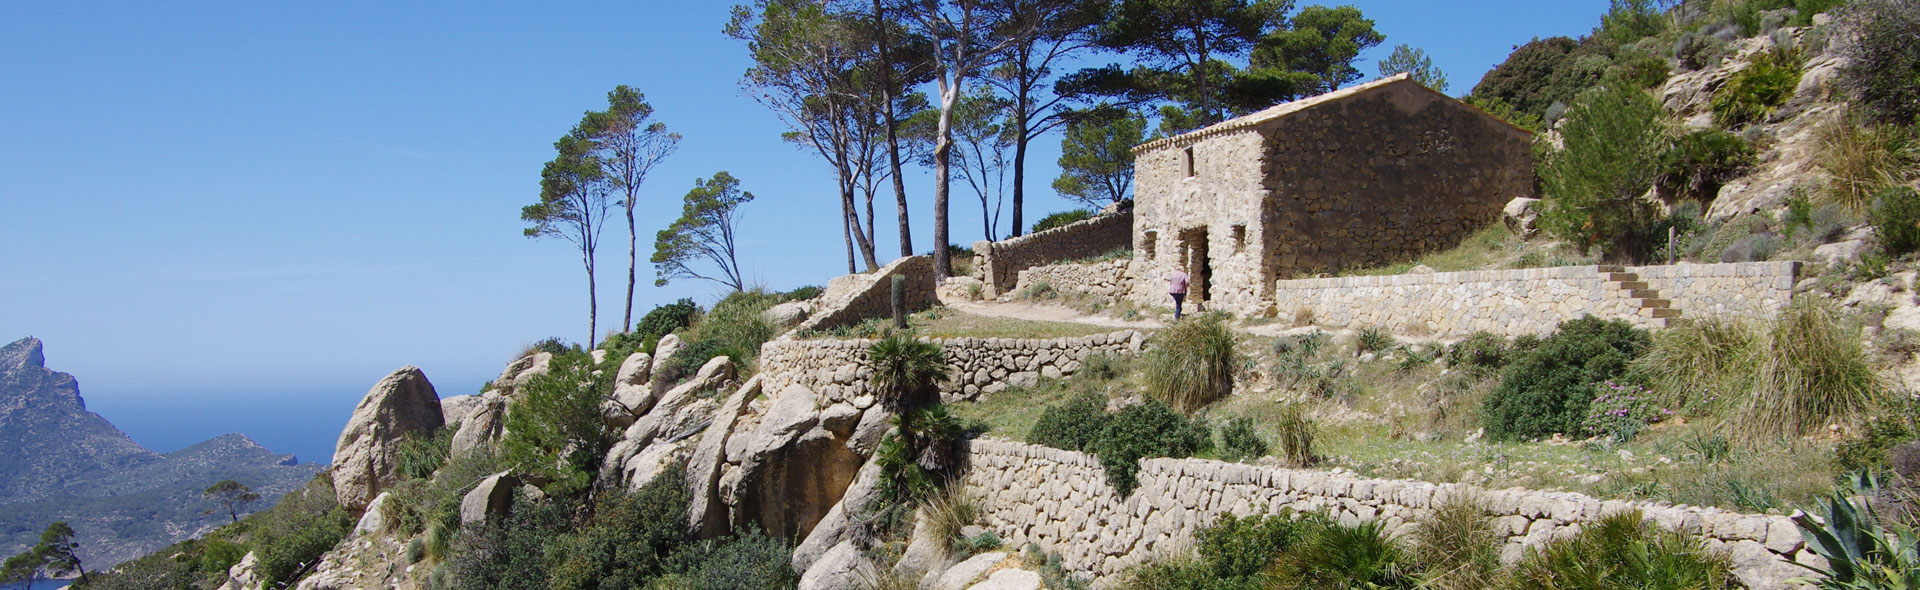 Trappistenkloster La Trapa